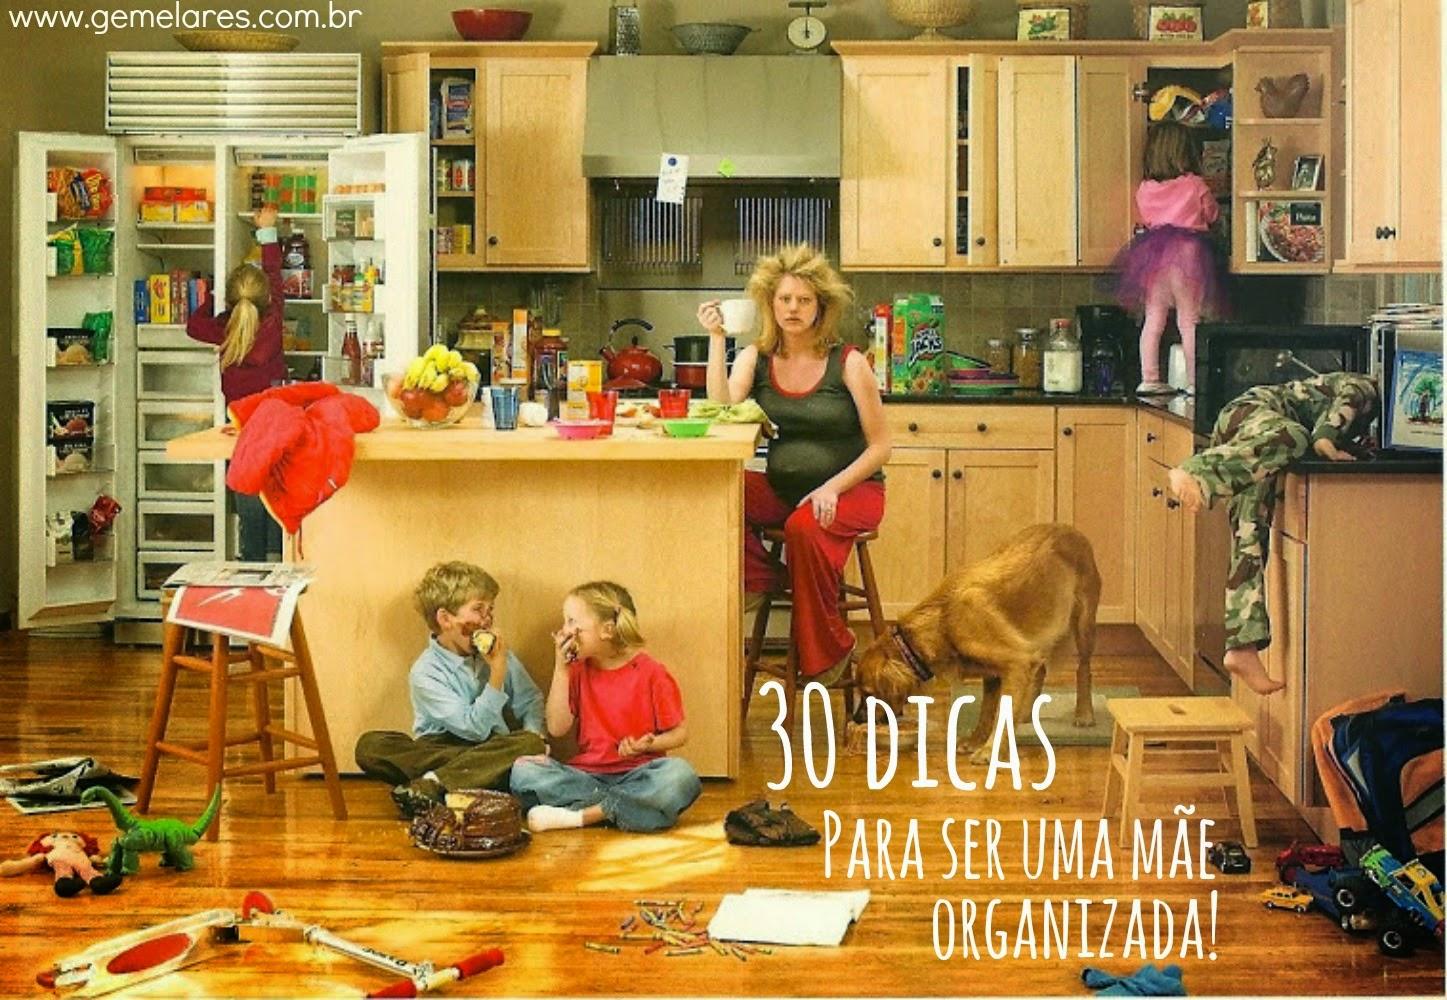 30 Dicas para ser uma mãe organizada